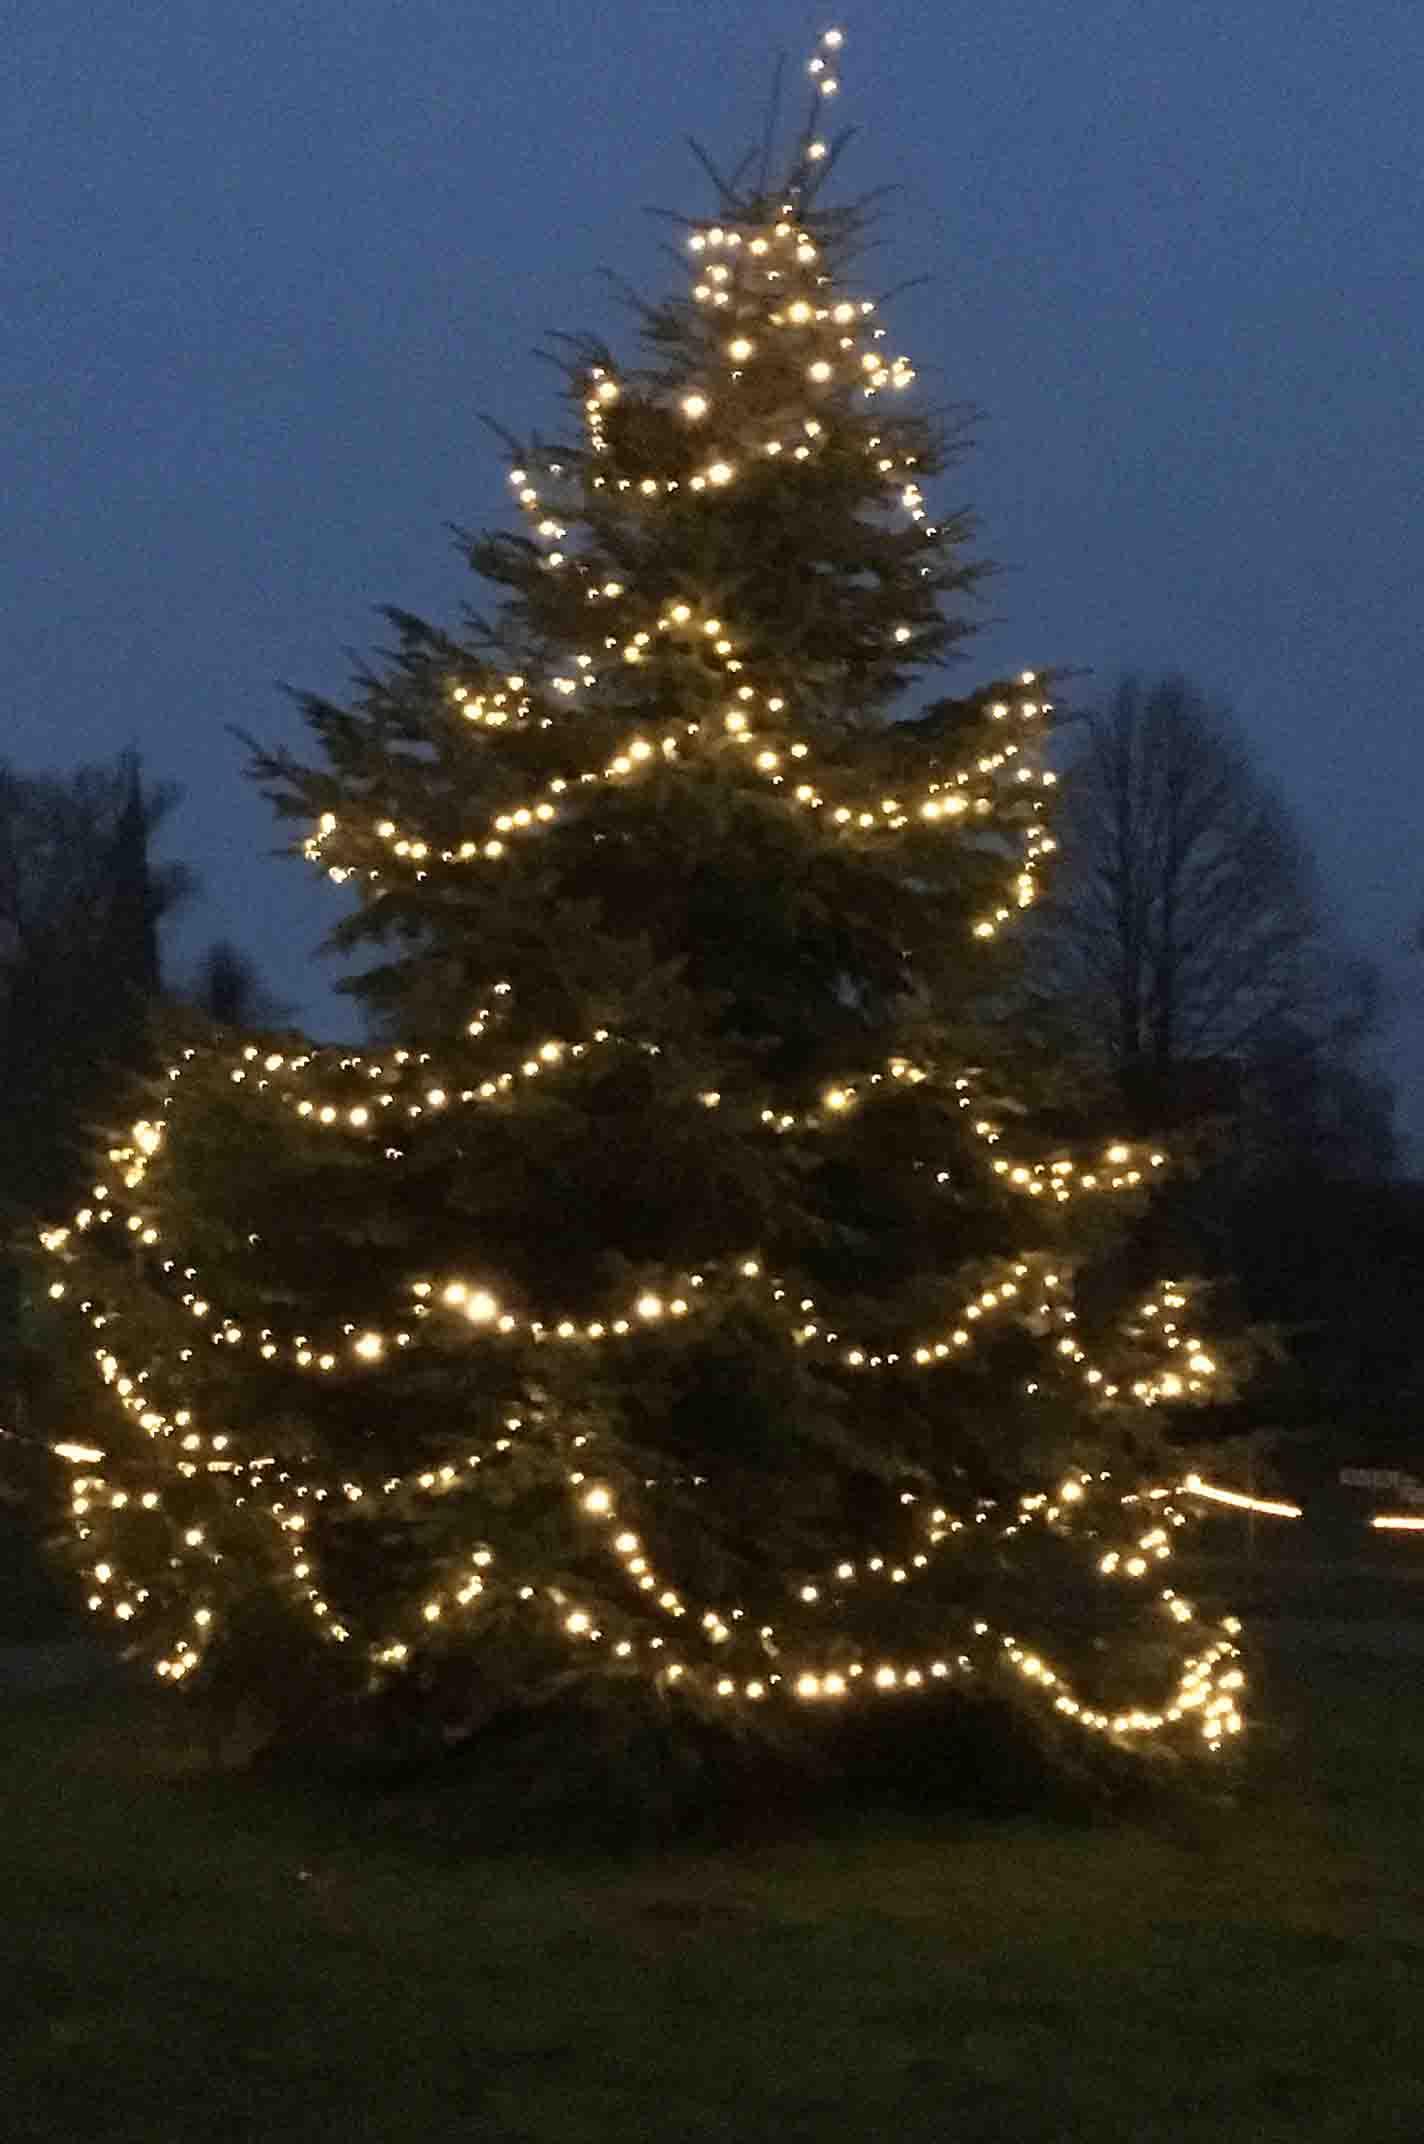 Pronstorfer Weihnacht Weihnachtsbaum